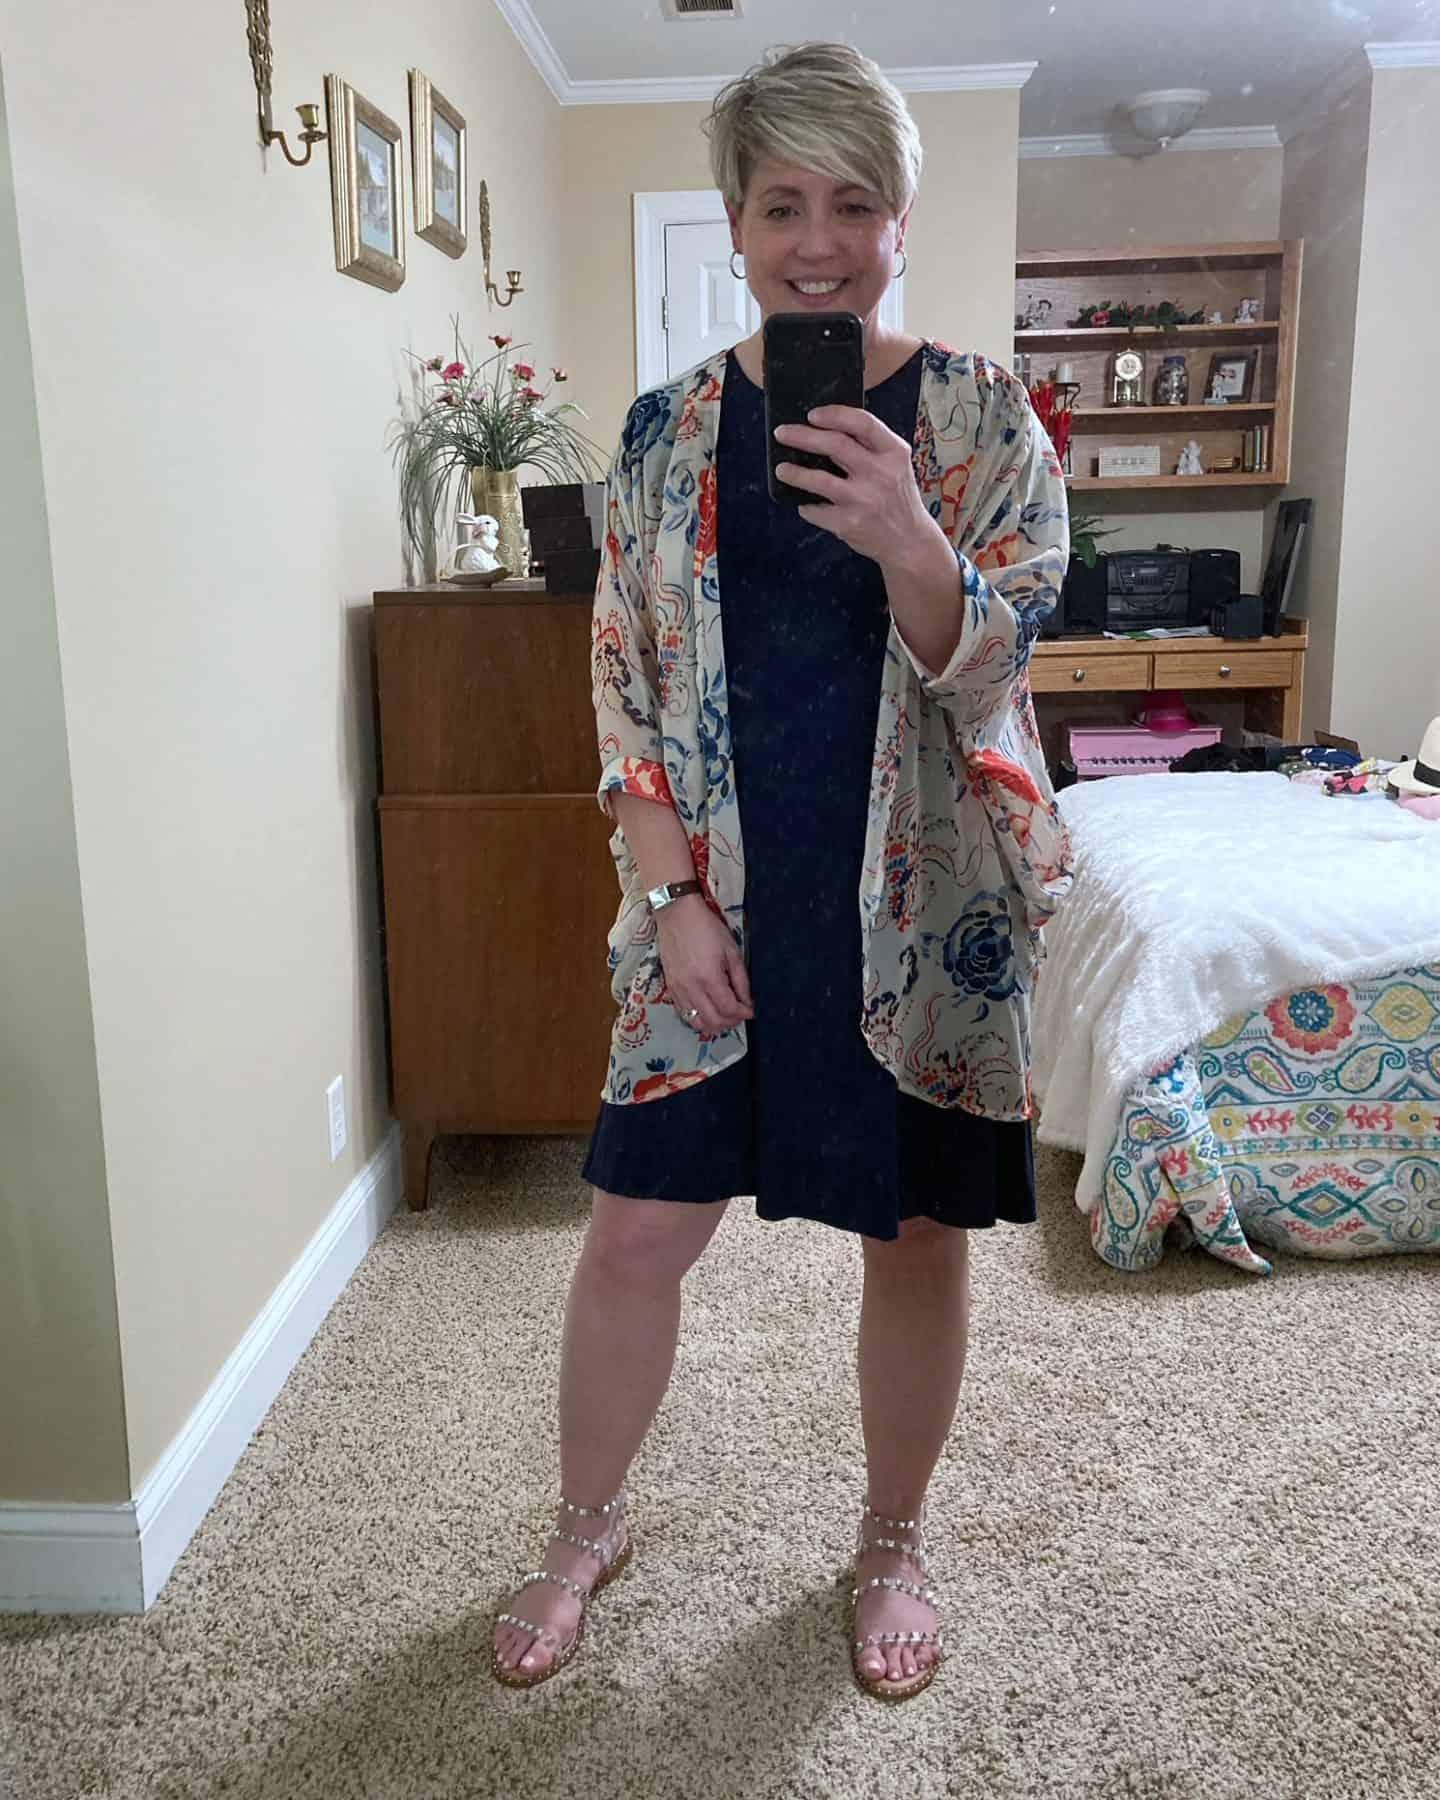 tshirt dress and kimono outfit